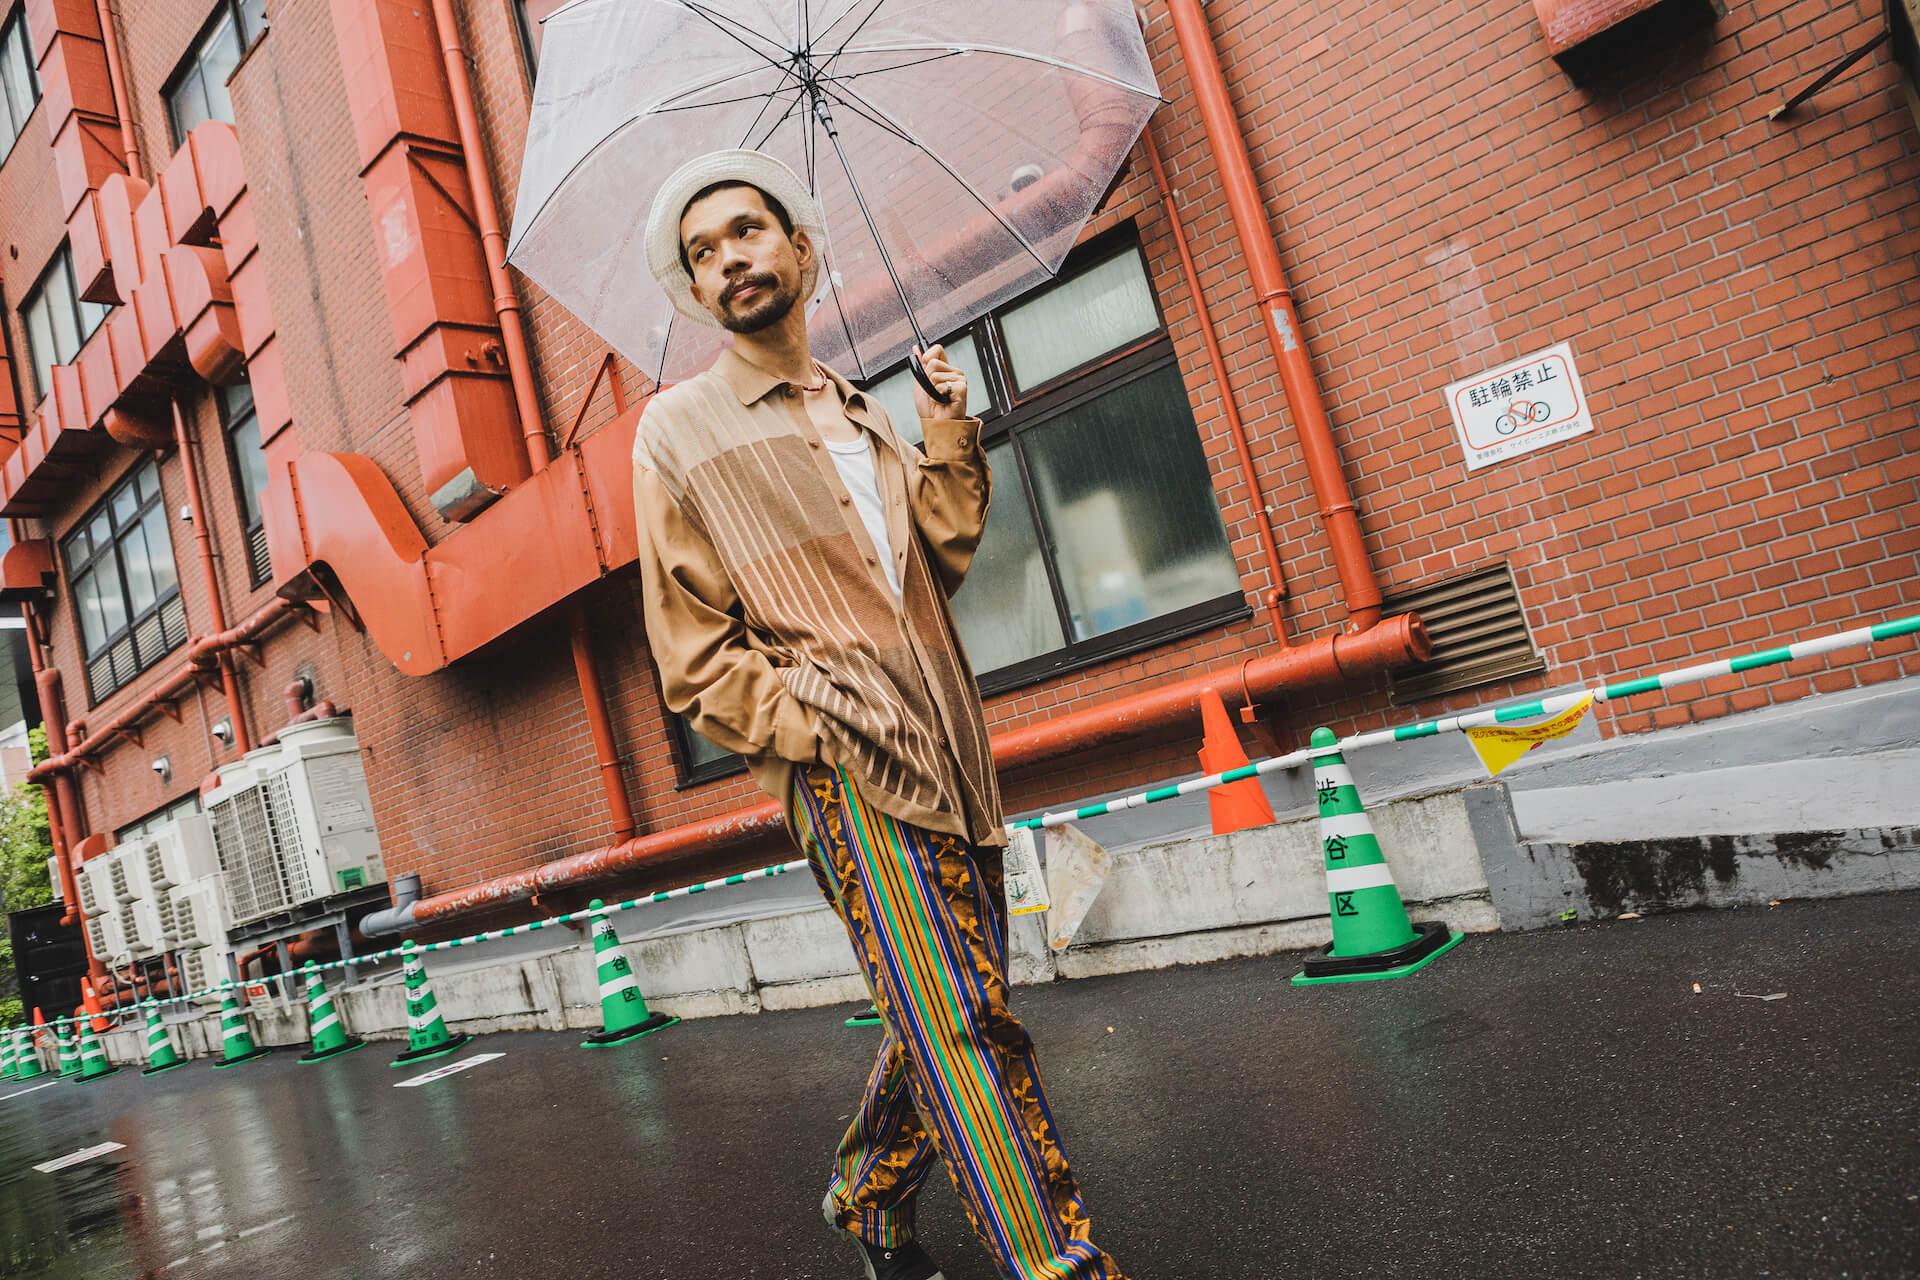 PALLADIUM × 7A&msd|スタイリスト、クリエイターが提案する梅雨を乗り切る雨の日コーデ fashion210526_palladium-09